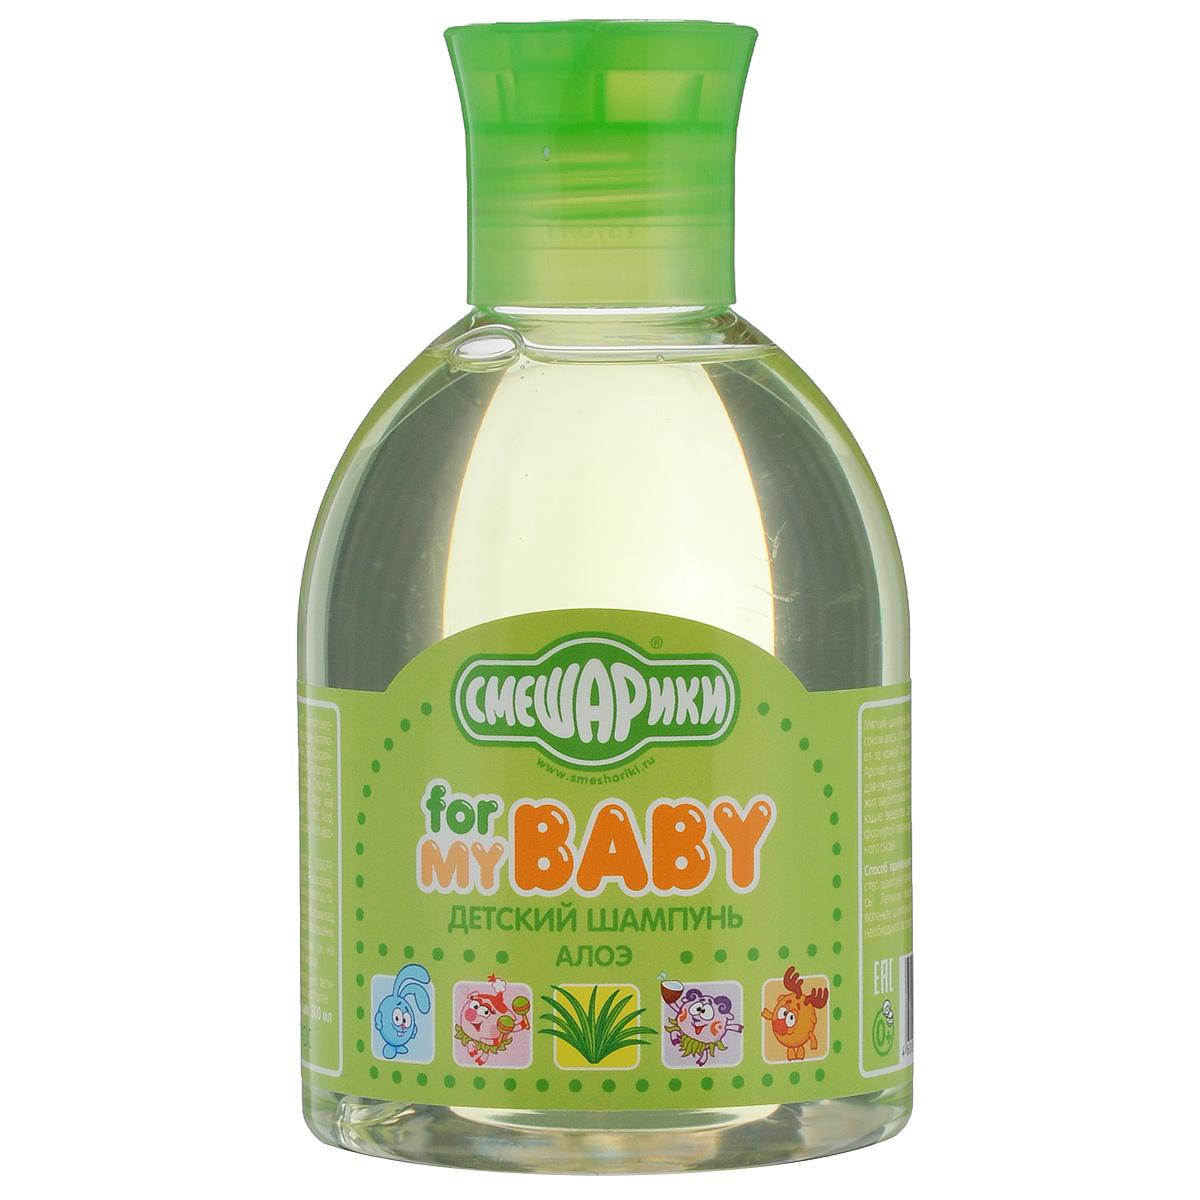 Смешарики Детский шампунь For my Baby, с экстрактом алоэ, 300 млСМ90Мягкий шампунь без слез Смешарики For my baby, с экстрактом и соком алоэ, бережно ухаживает за кожей головы и волосами ребенка. Прекрасно очищает в воде любой жесткости, полностью смывается. Благодаря своим успокаивающим и смягчающим действиям сок алоэ помогает быстро снять раздражение и покраснение кожного покрова, устранить зуд, и другие проявления аллергии, и признаки раздраженной кожи. Подходит для ежедневного применения. Отсутствие красителей и использование моющих веществ натурального происхождения делают шампунь безопасным и не вызывает аллергии. Продукт сертифицирован и дерматологически безопасен.